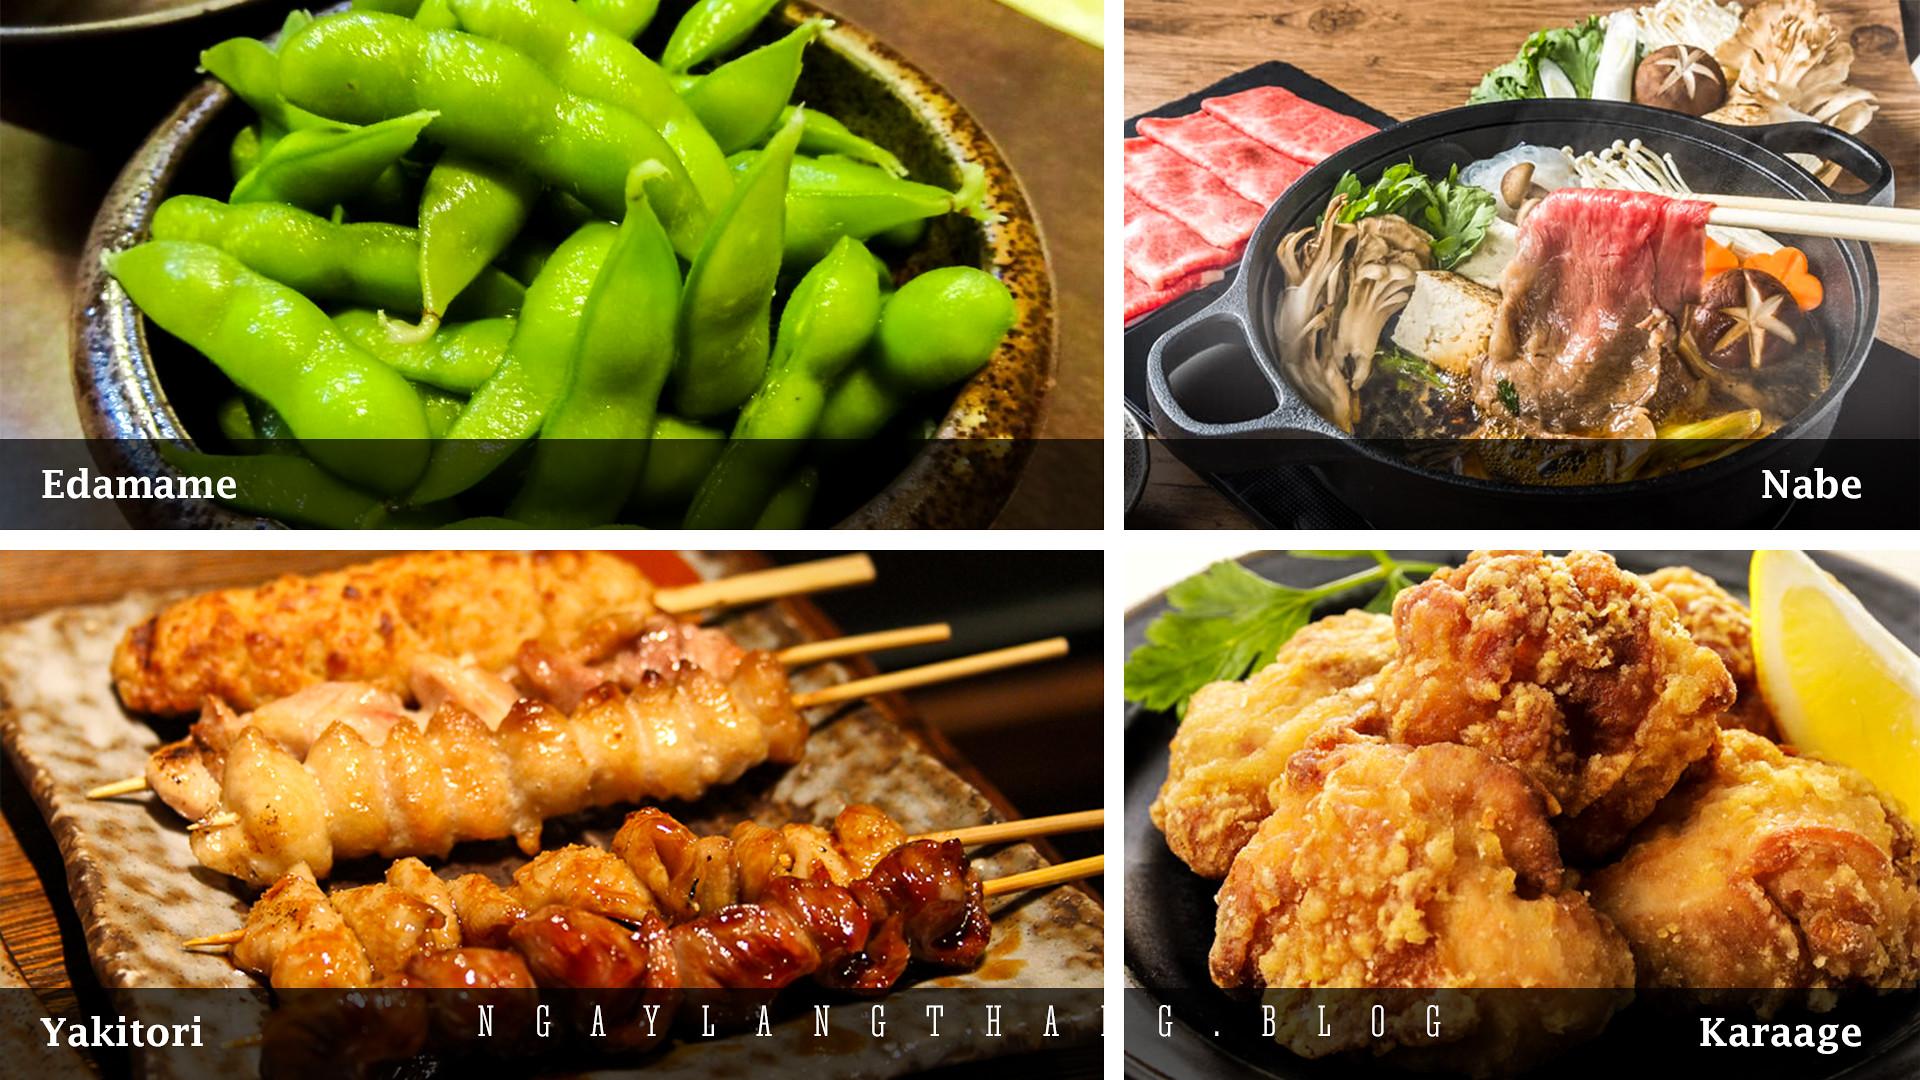 Nhật Bản tuần cuối năm-menu-bonenkai-ngaylangthang